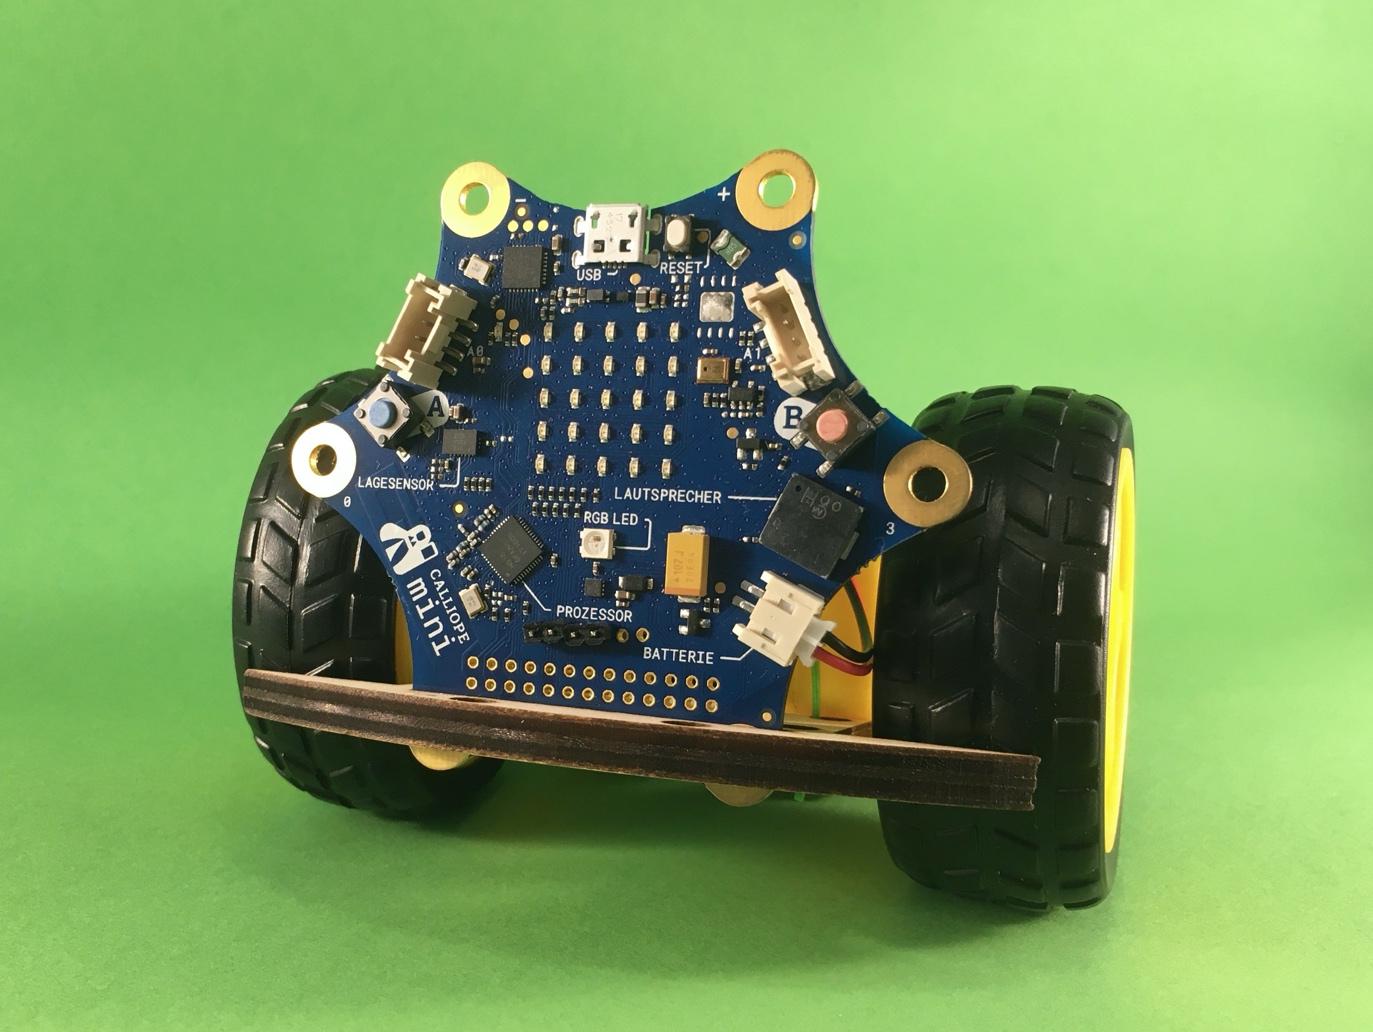 Der kleine Callibot. Eine Roboterplattform für den Calliope Mini.